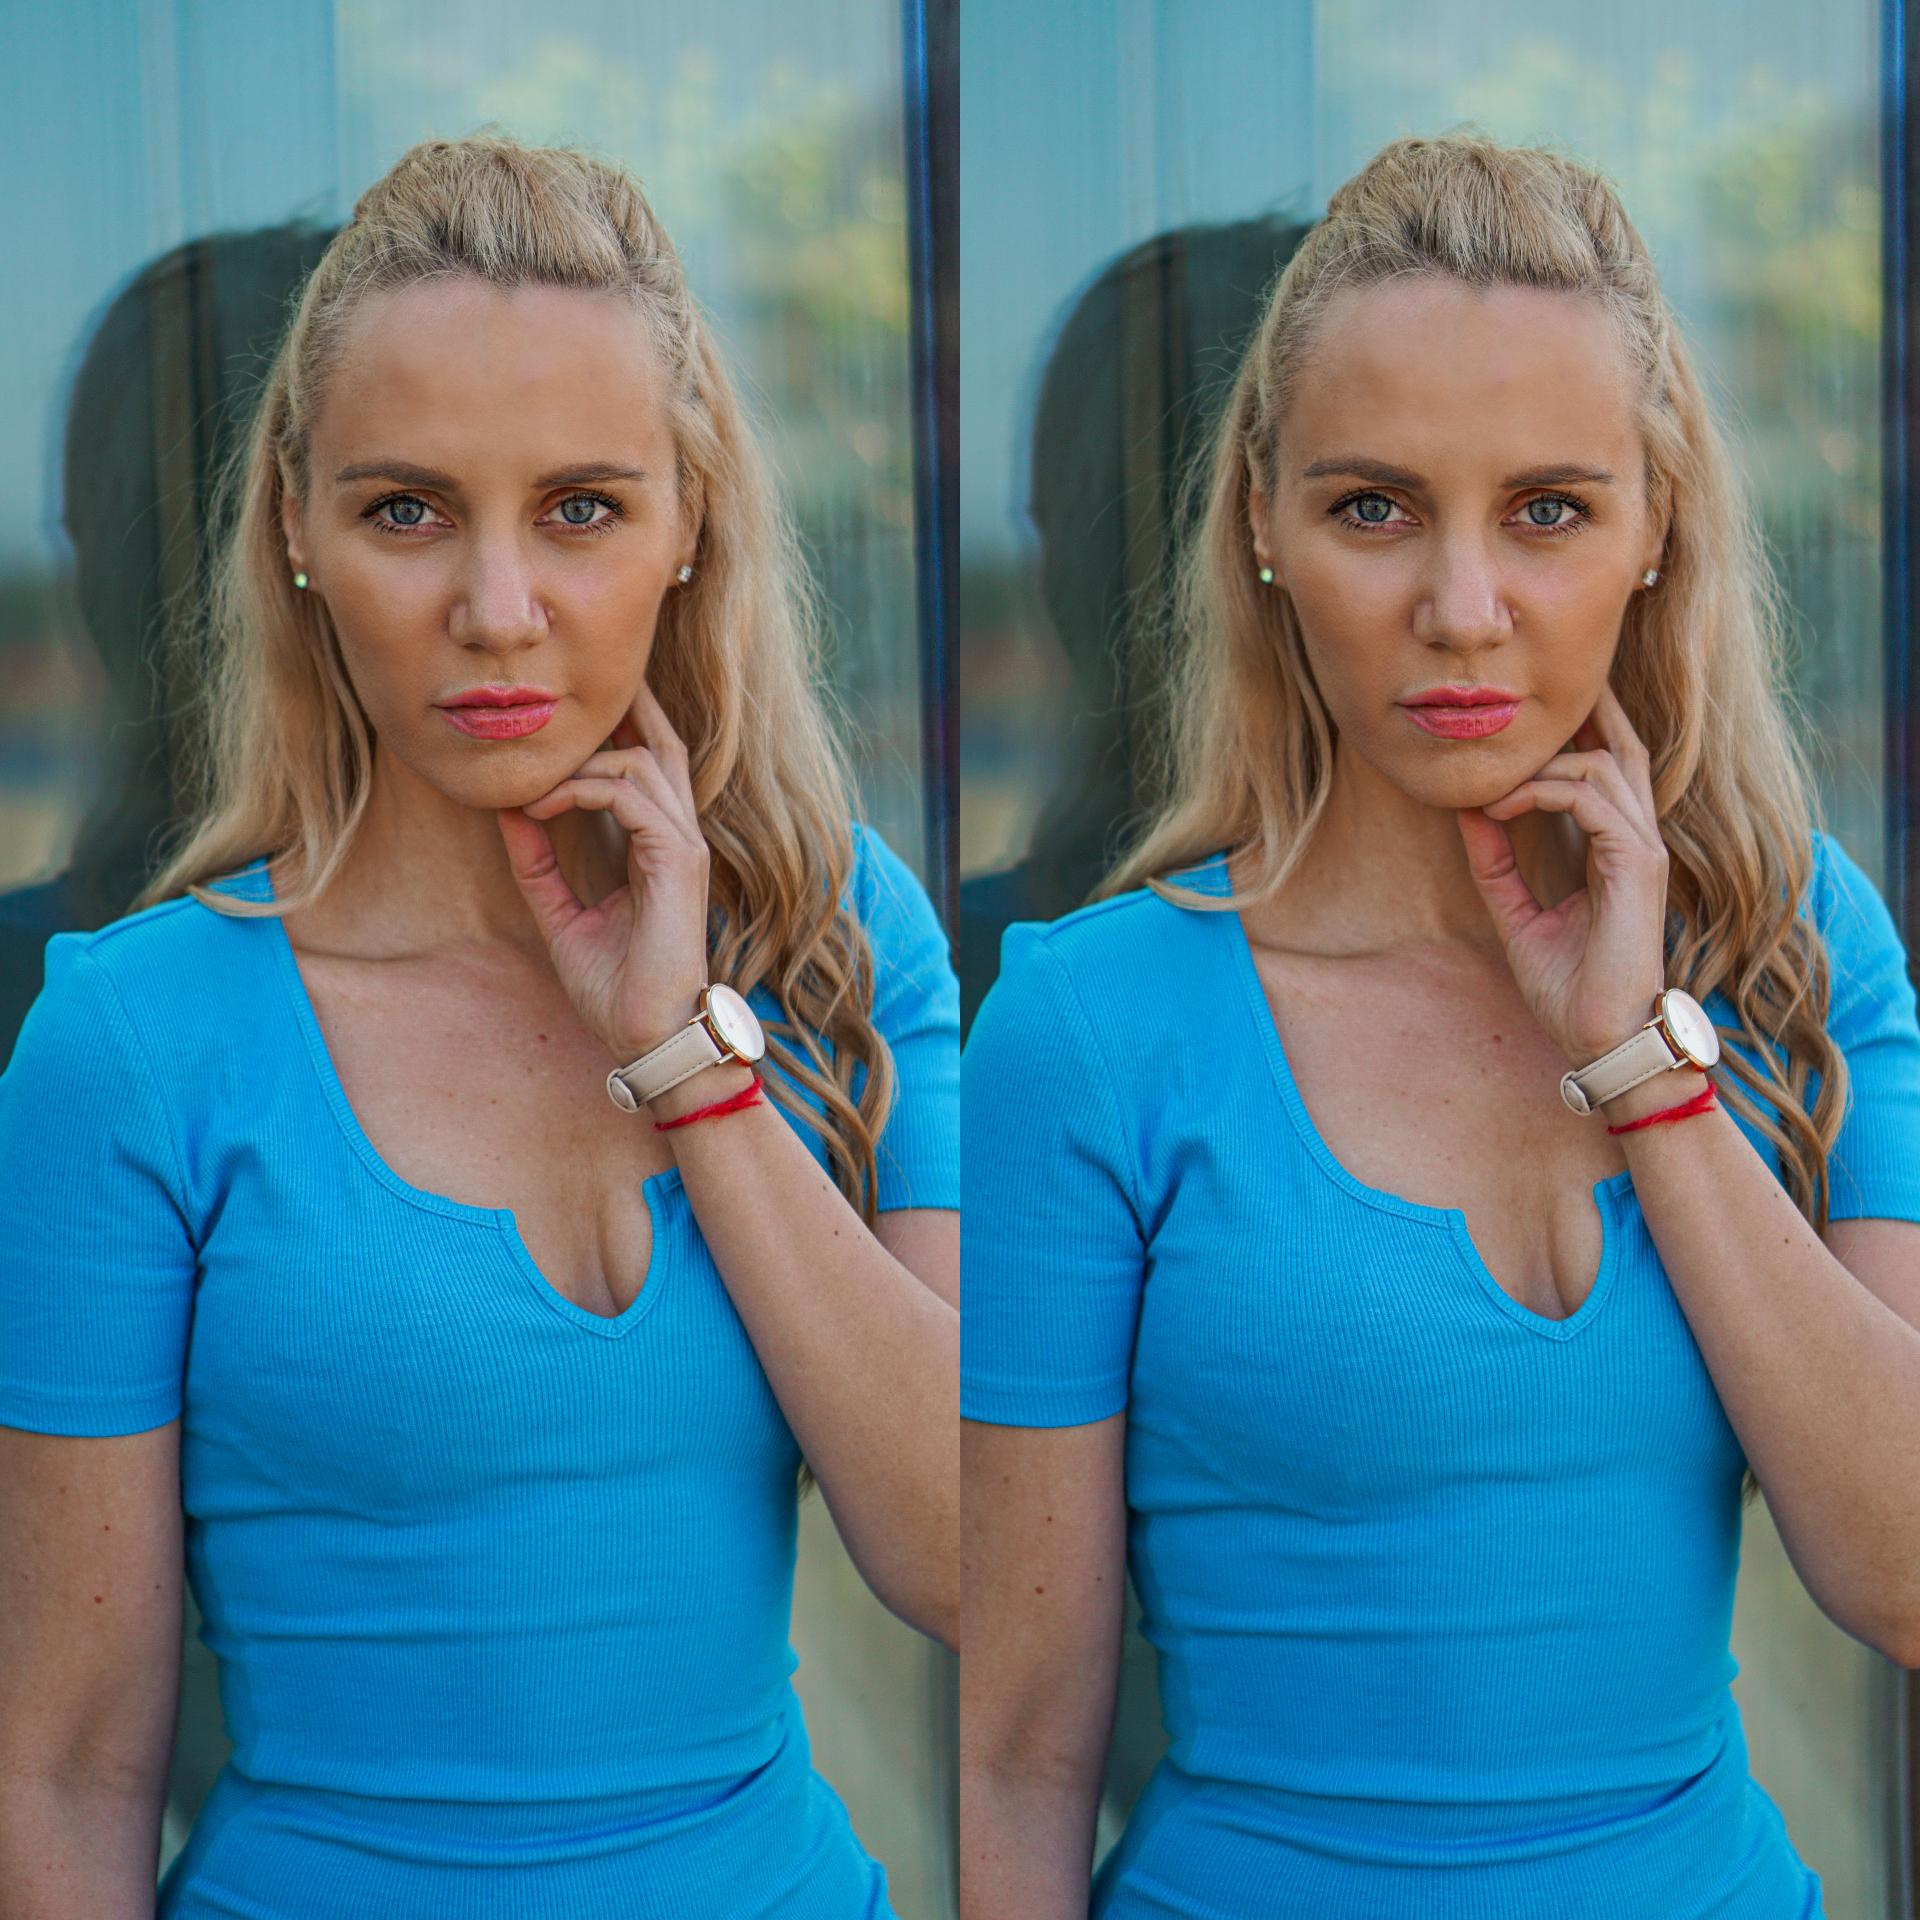 blå kjole portrait